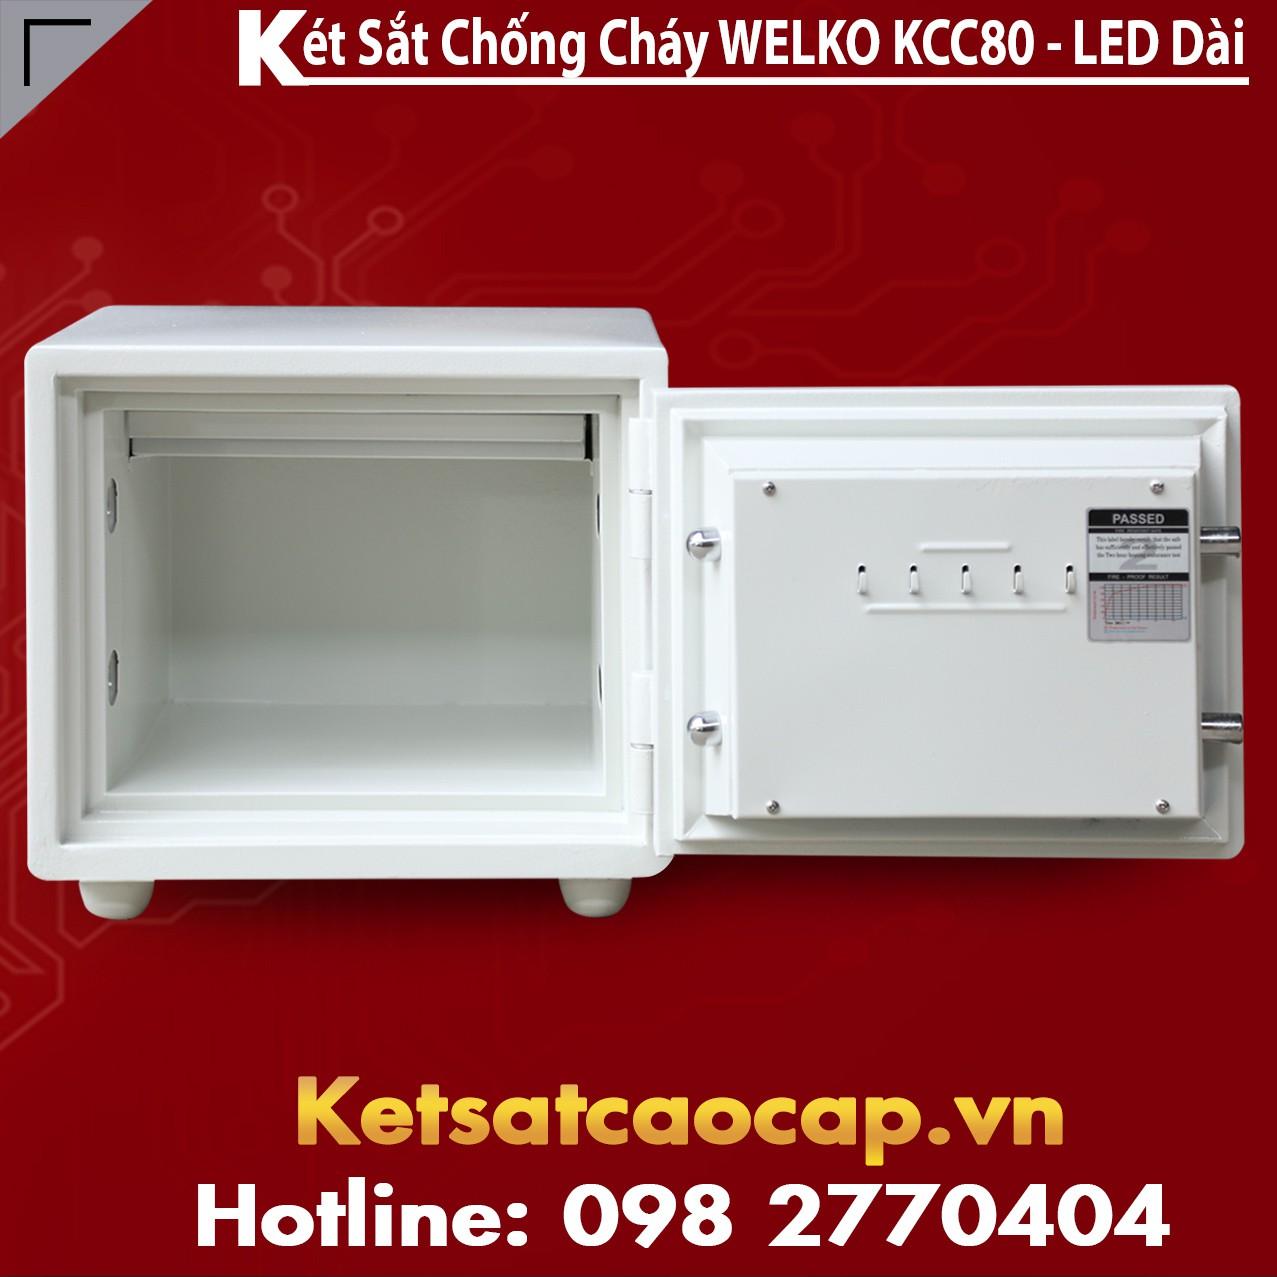 Ket Sat Chong Chay Welko Chinh Hang